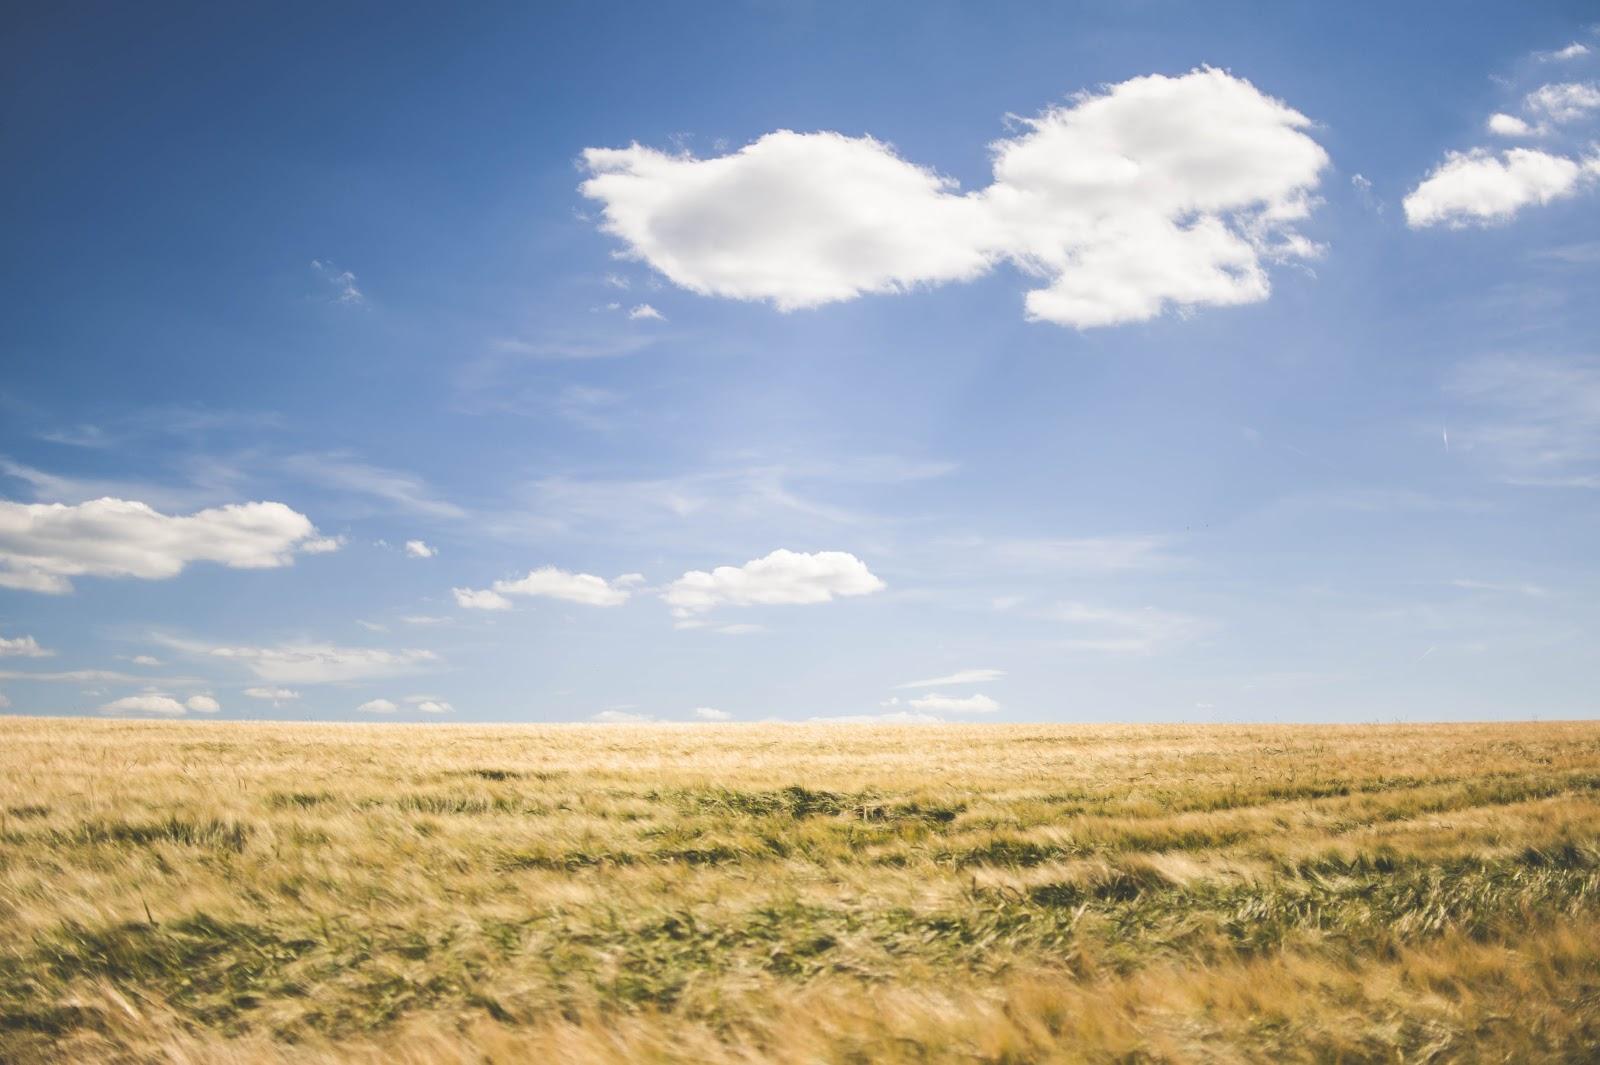 真昼の白い雲の下の茶色の草